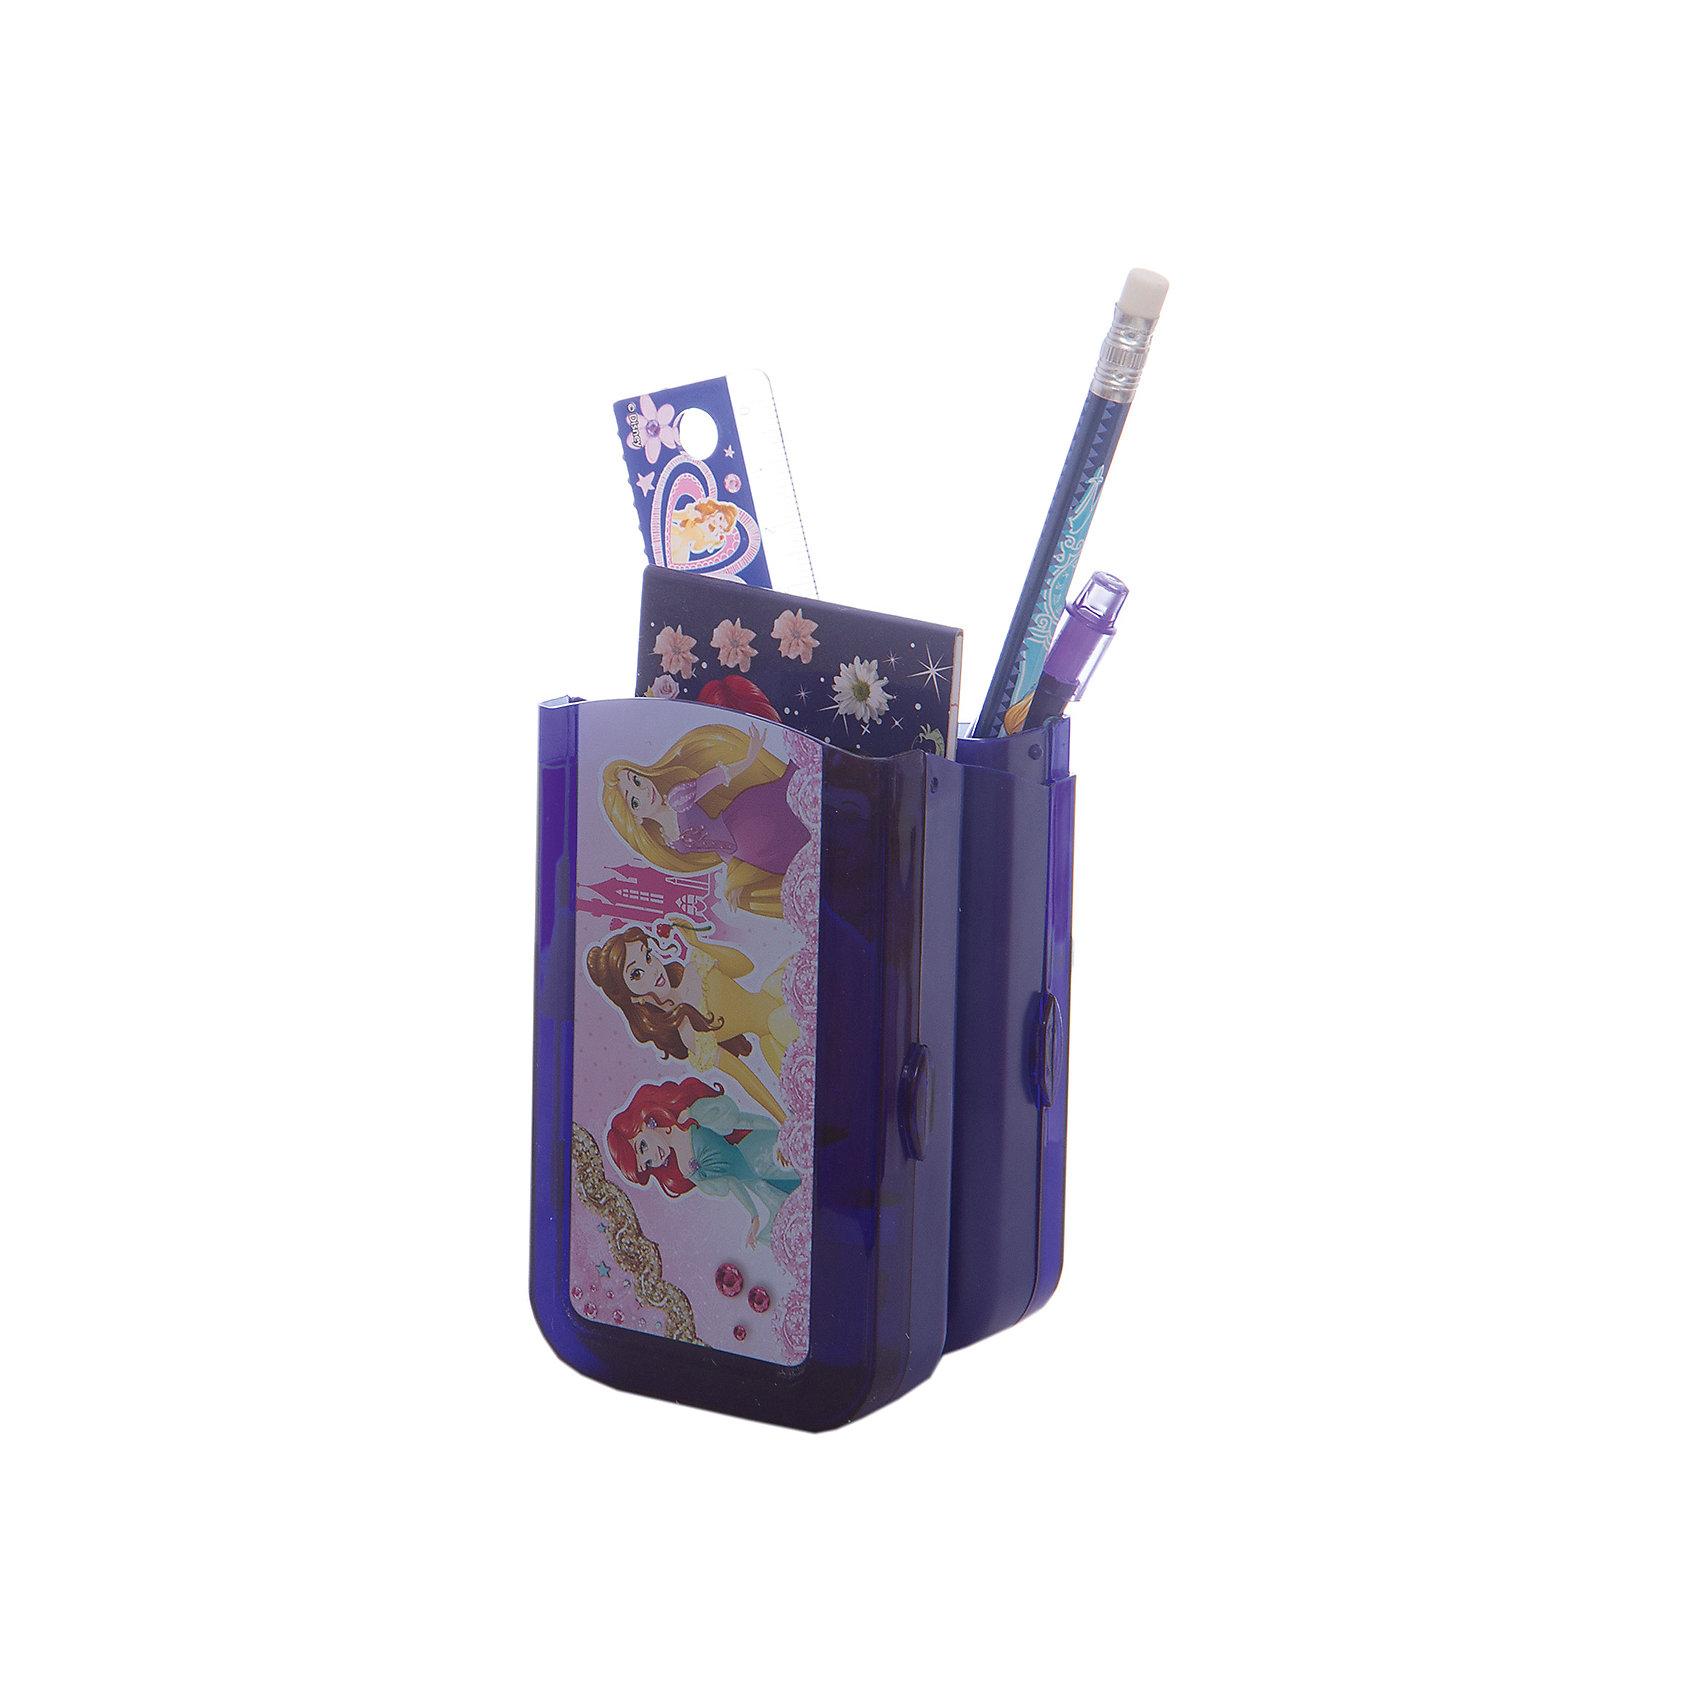 Канцелярский набор Принцессы Дисней (7 предметов)Канцелярский набор - это незаменимый инструмент в учебе. Набор упакован в ПП-пакет с кольцом и состоит из: чернографитного карандаша с ластиком, складного пластикового пенала, прозрачной линейки 15 см, ручки автоматической,  точилки, прямоугольного ластика, клеевого блокнота. Набор может стать отличным подарком для ученика любого возраста.<br><br>Дополнительная информация:<br><br>Размер: 22 х 7,5 х 6 см.<br>Состав набора:<br>карандаш ч/г с ластиком <br>пенал пластиковый складной<br>линейка прозрачная 15 см<br>ручка автоматическая<br>точилка малая<br>блокнот клеевой<br>ластик прямоугольный (обернутый бумагой)<br><br>Канцелярский набор Принцессы Дисней (Disney Princess) (7 предметов) можно купить в нашем магазине.<br><br>Ширина мм: 220<br>Глубина мм: 75<br>Высота мм: 60<br>Вес г: 170<br>Возраст от месяцев: 48<br>Возраст до месяцев: 108<br>Пол: Женский<br>Возраст: Детский<br>SKU: 4177211